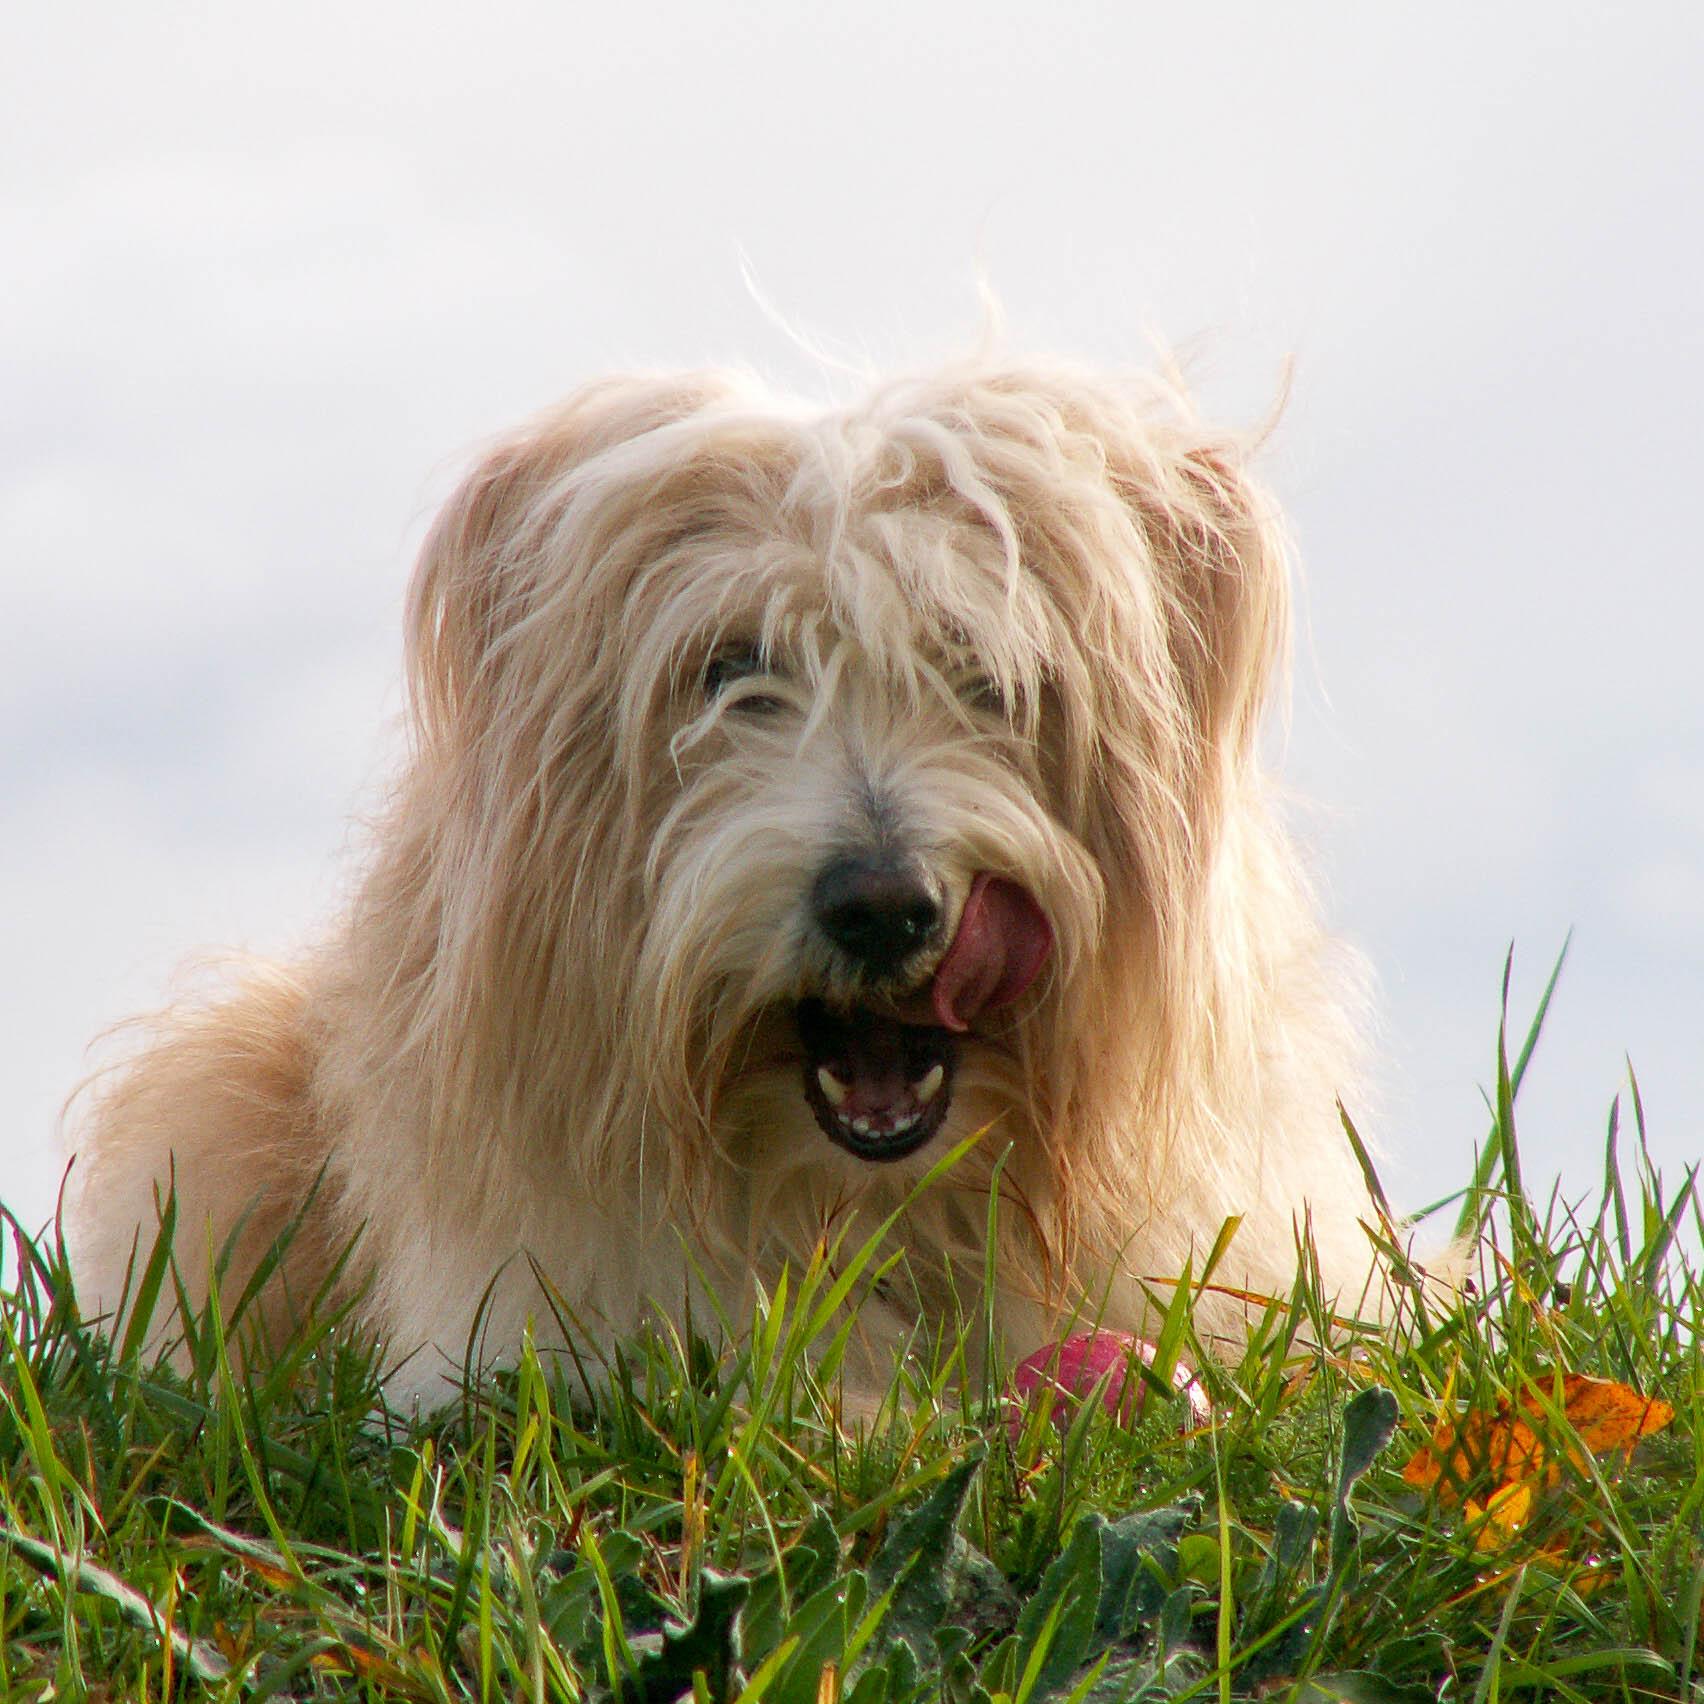 Heller langhaariger Hund auf der Wiese